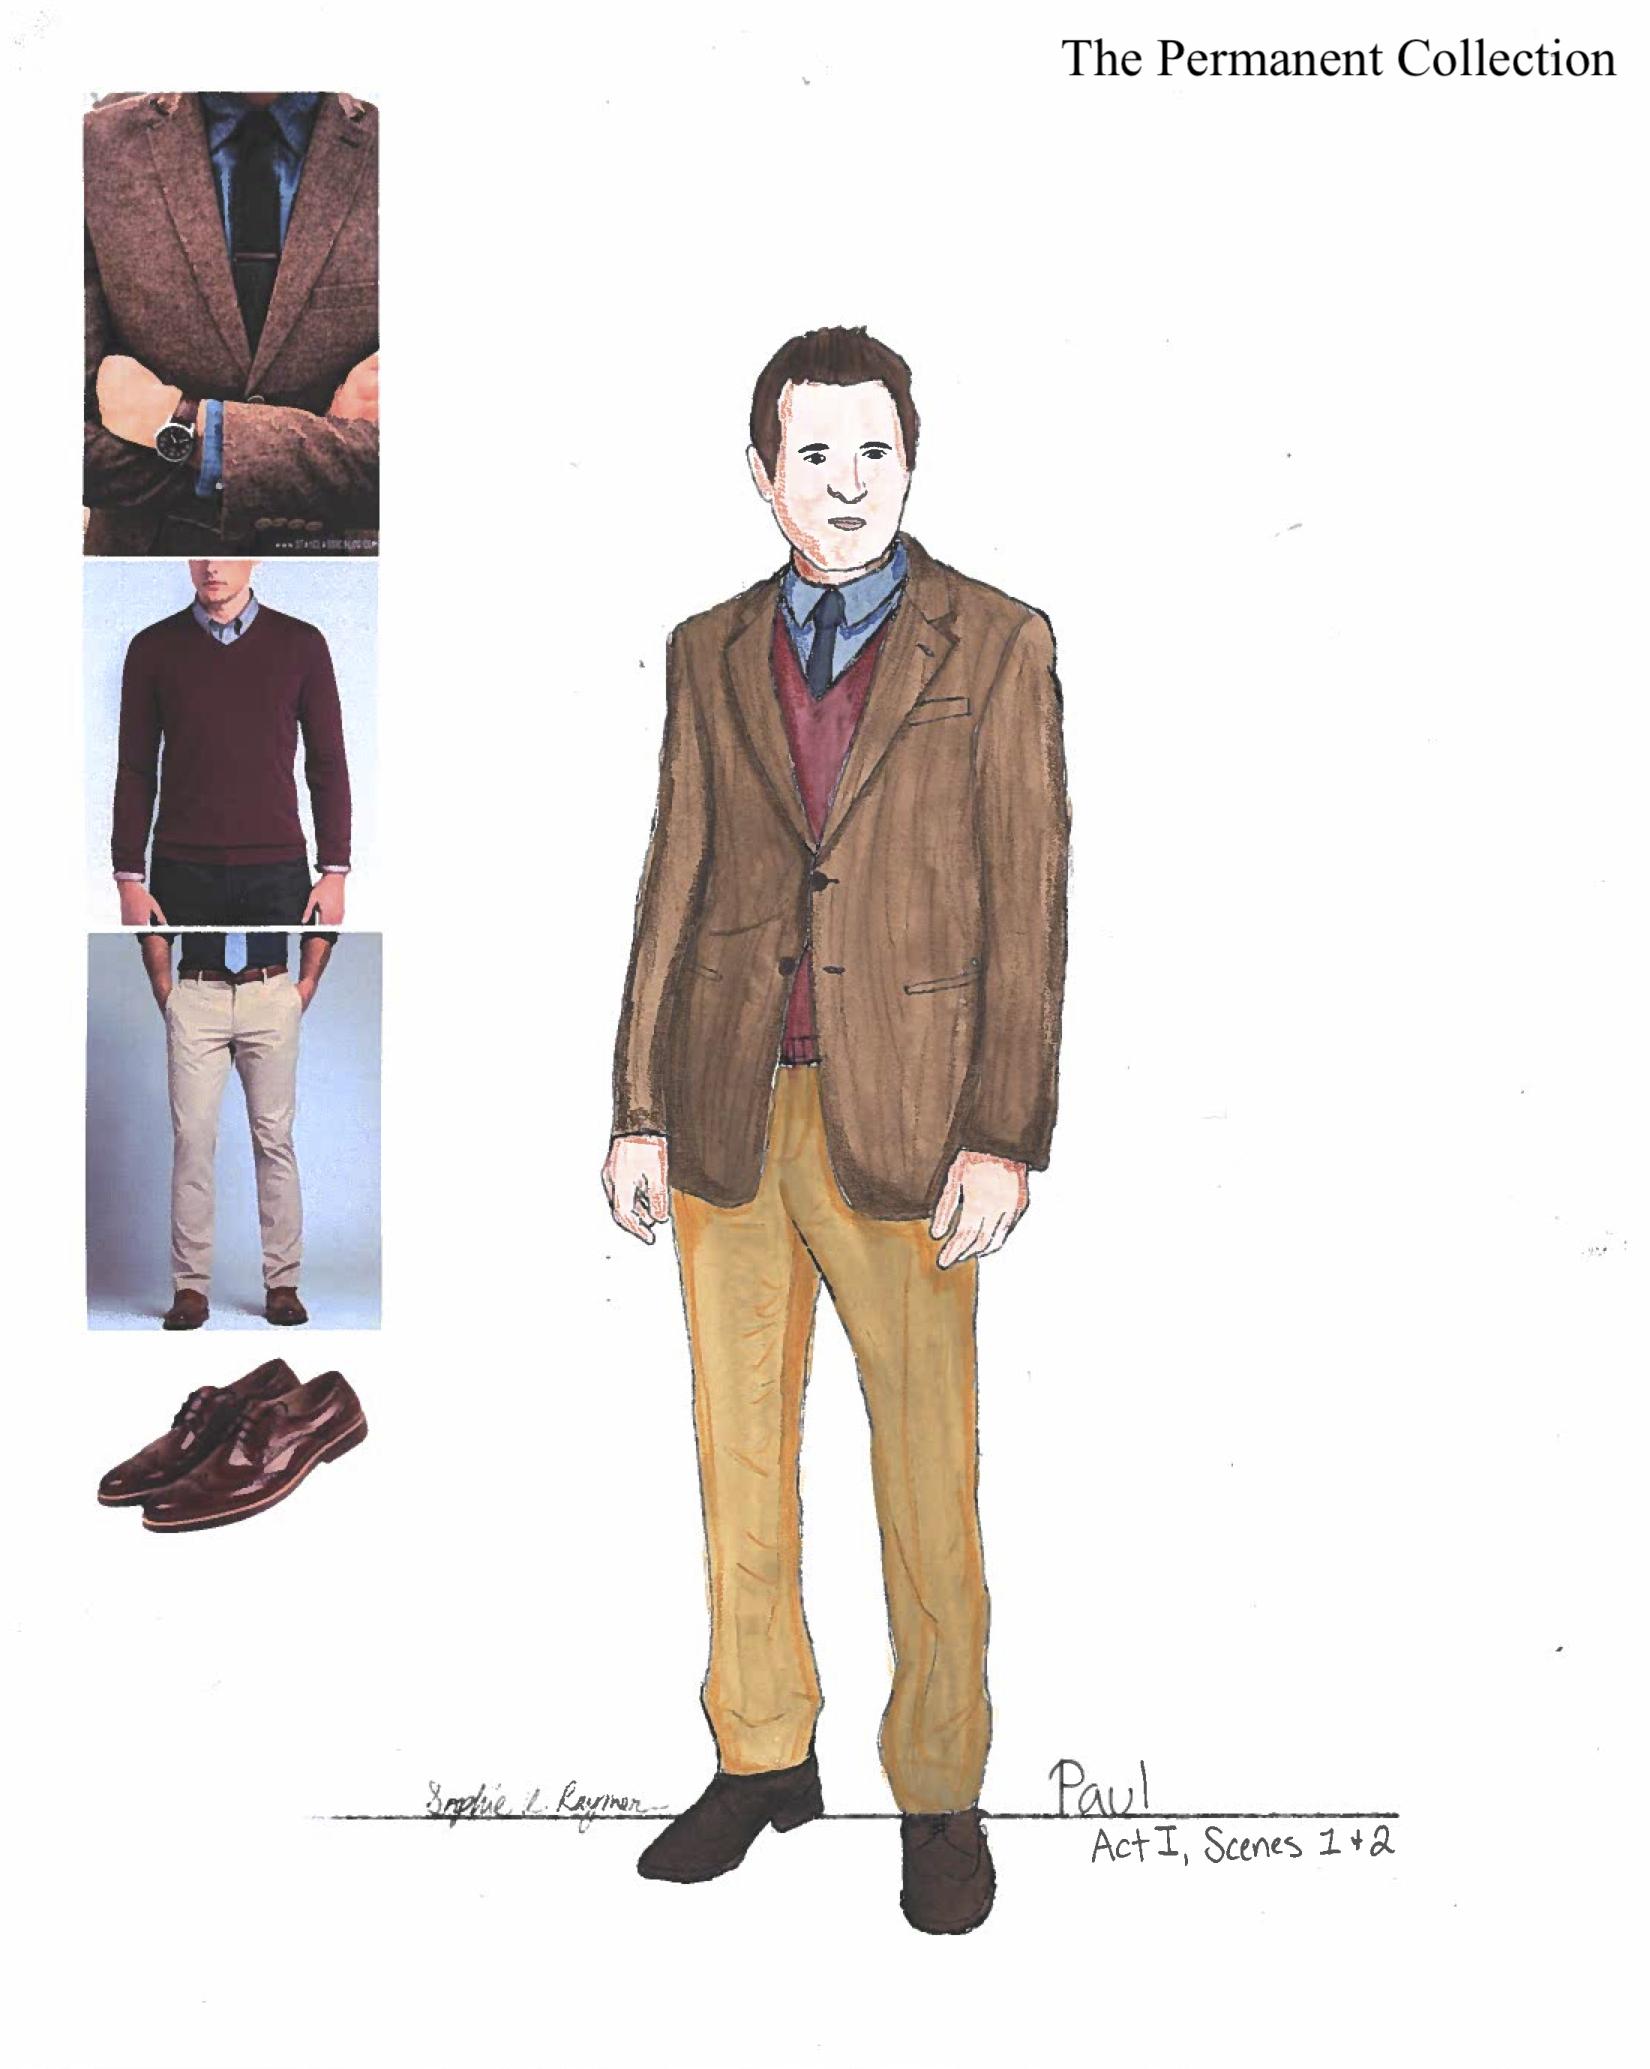 Paul Act 1, Scenes 1, 2.jpg